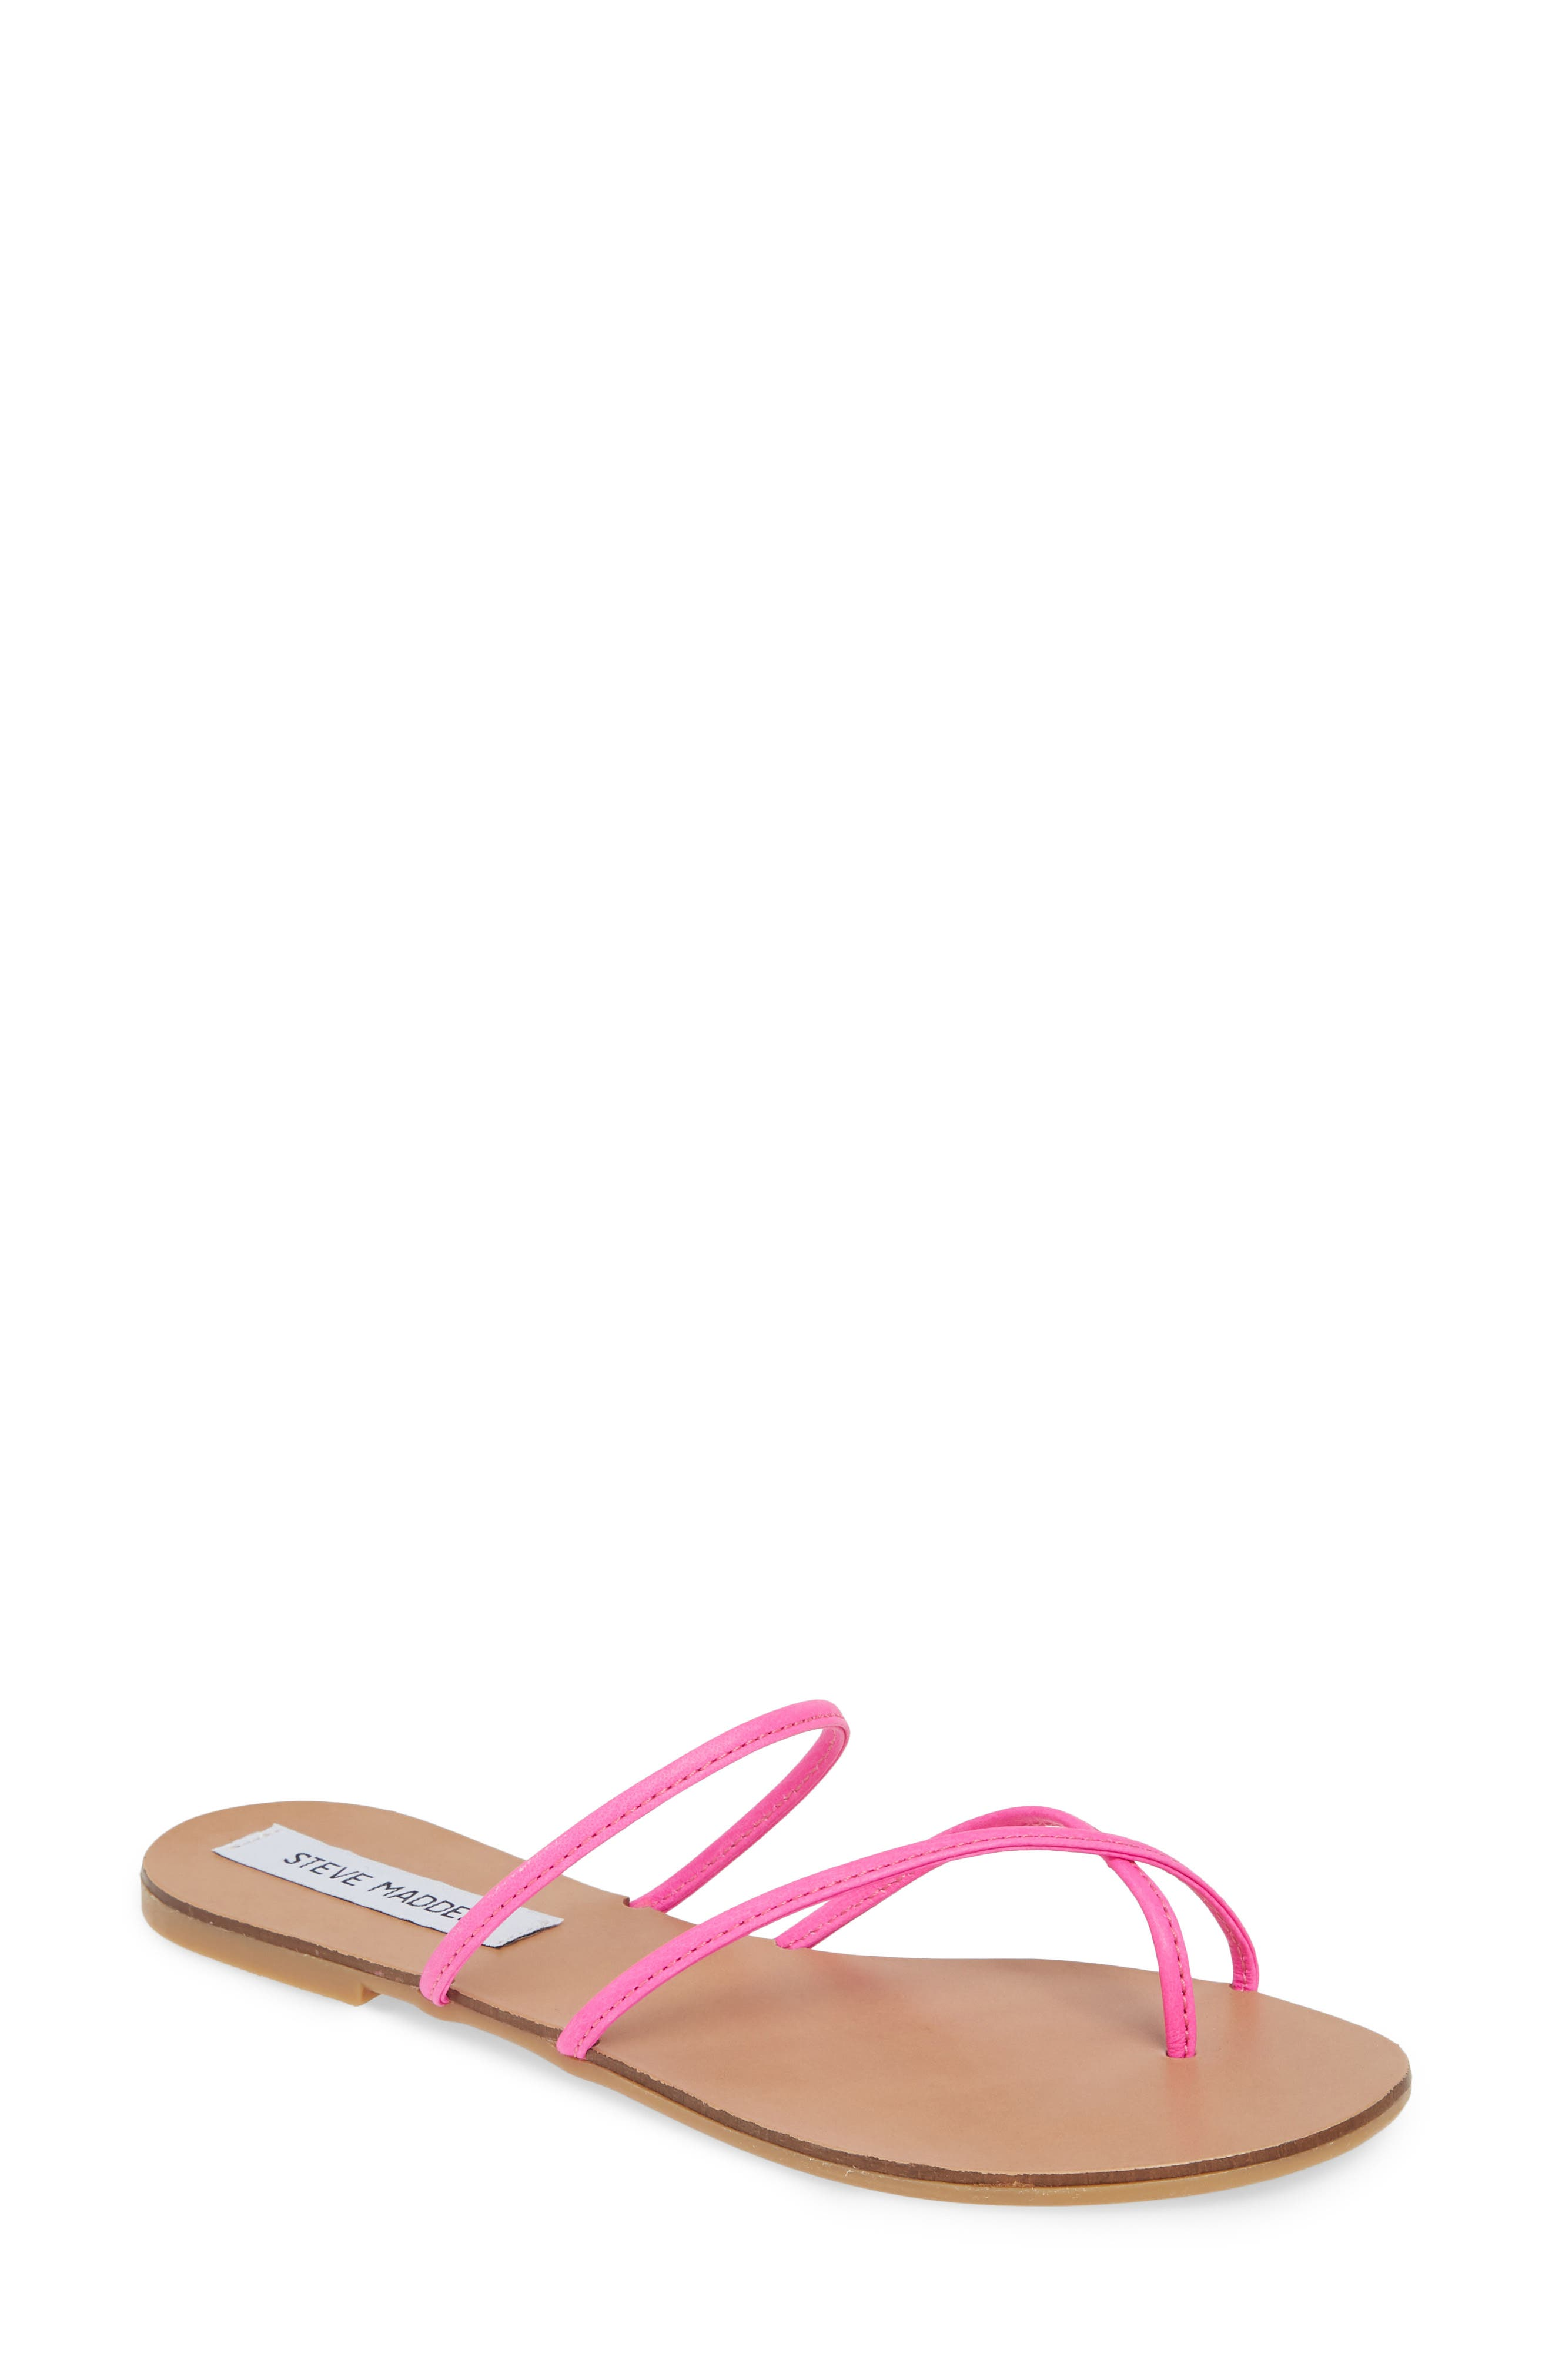 Steve Madden Wise Strappy Slide Sandal Women Coupon Code